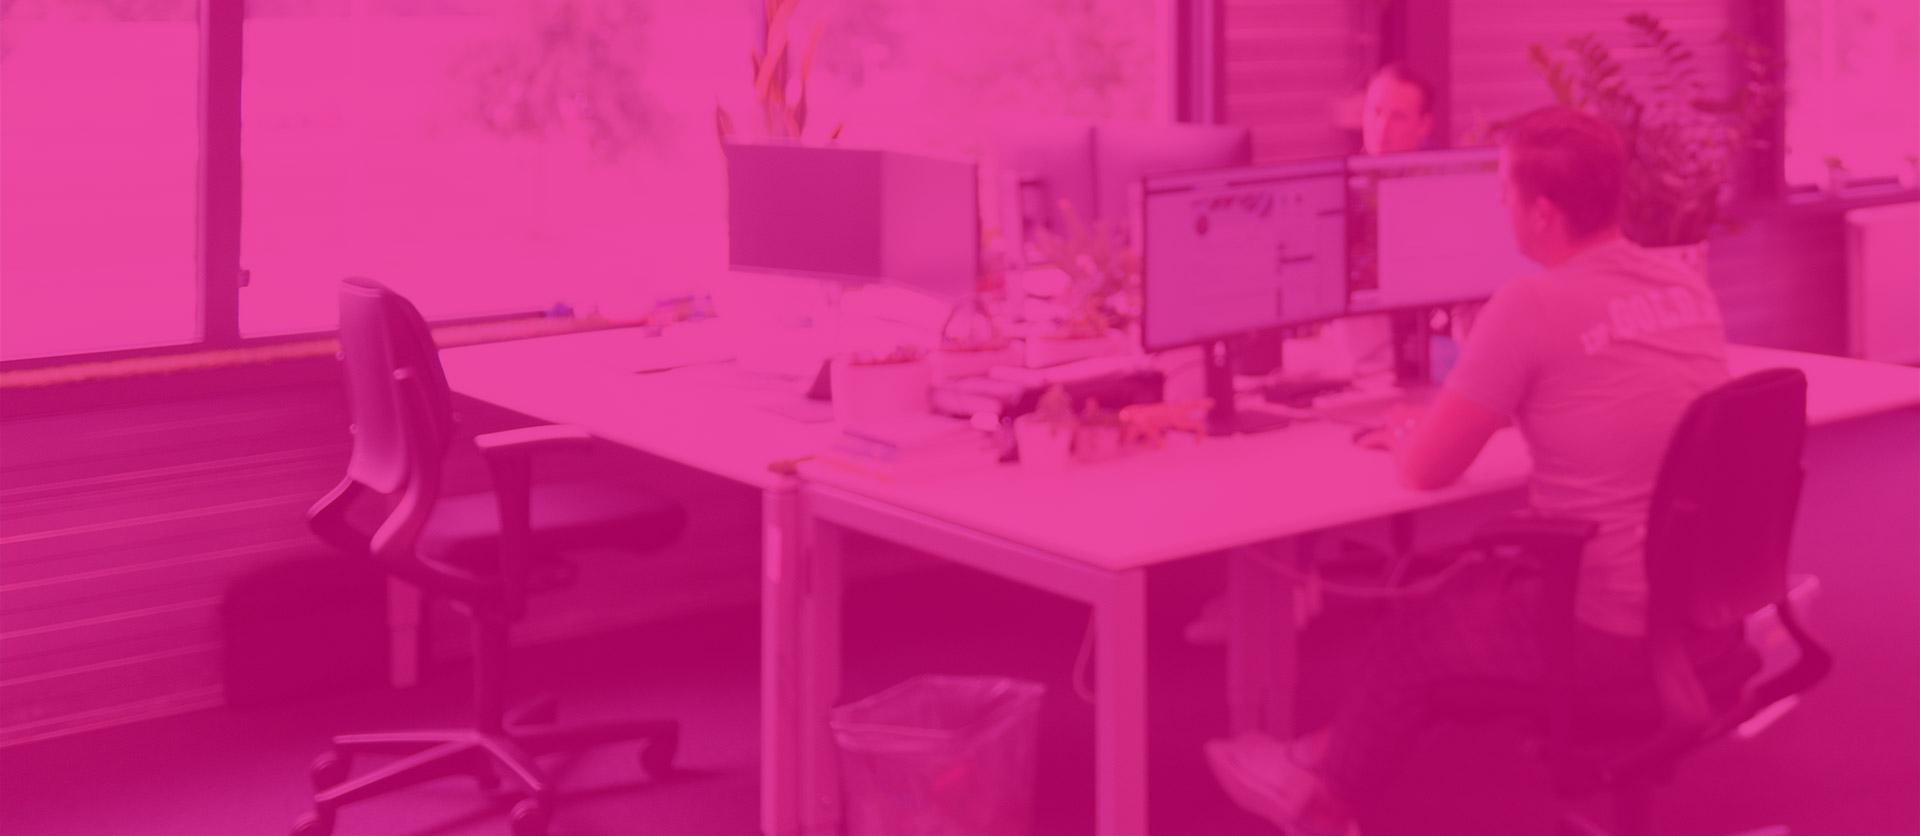 ec-office-bg-1